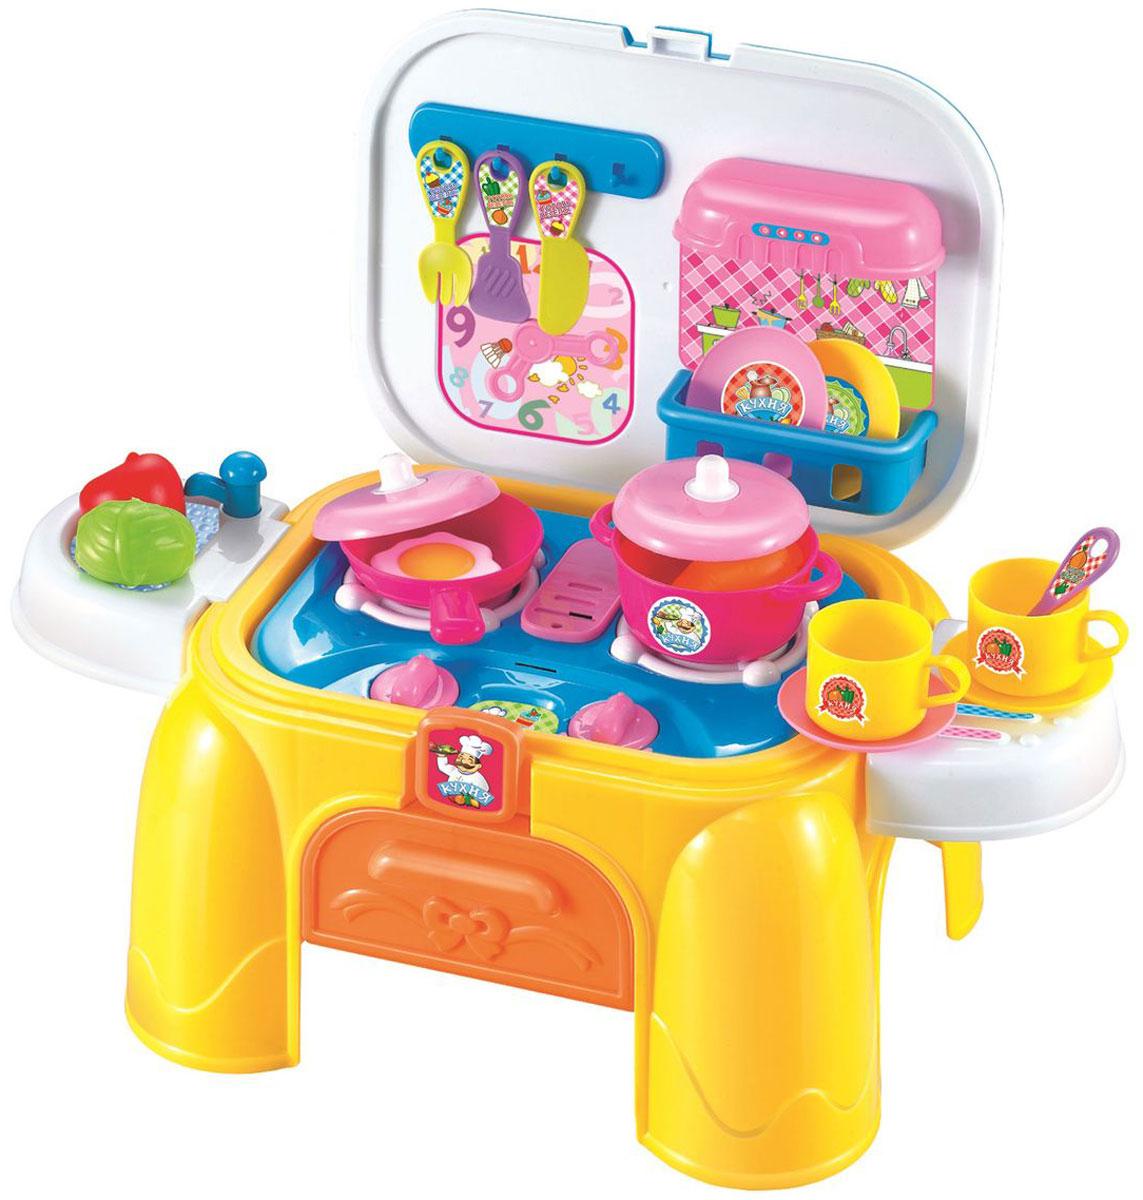 1TOY Игровой набор Профи Кухня 2 в 1 26 предметов 1toy игровой набор профи грумер 16 предметов